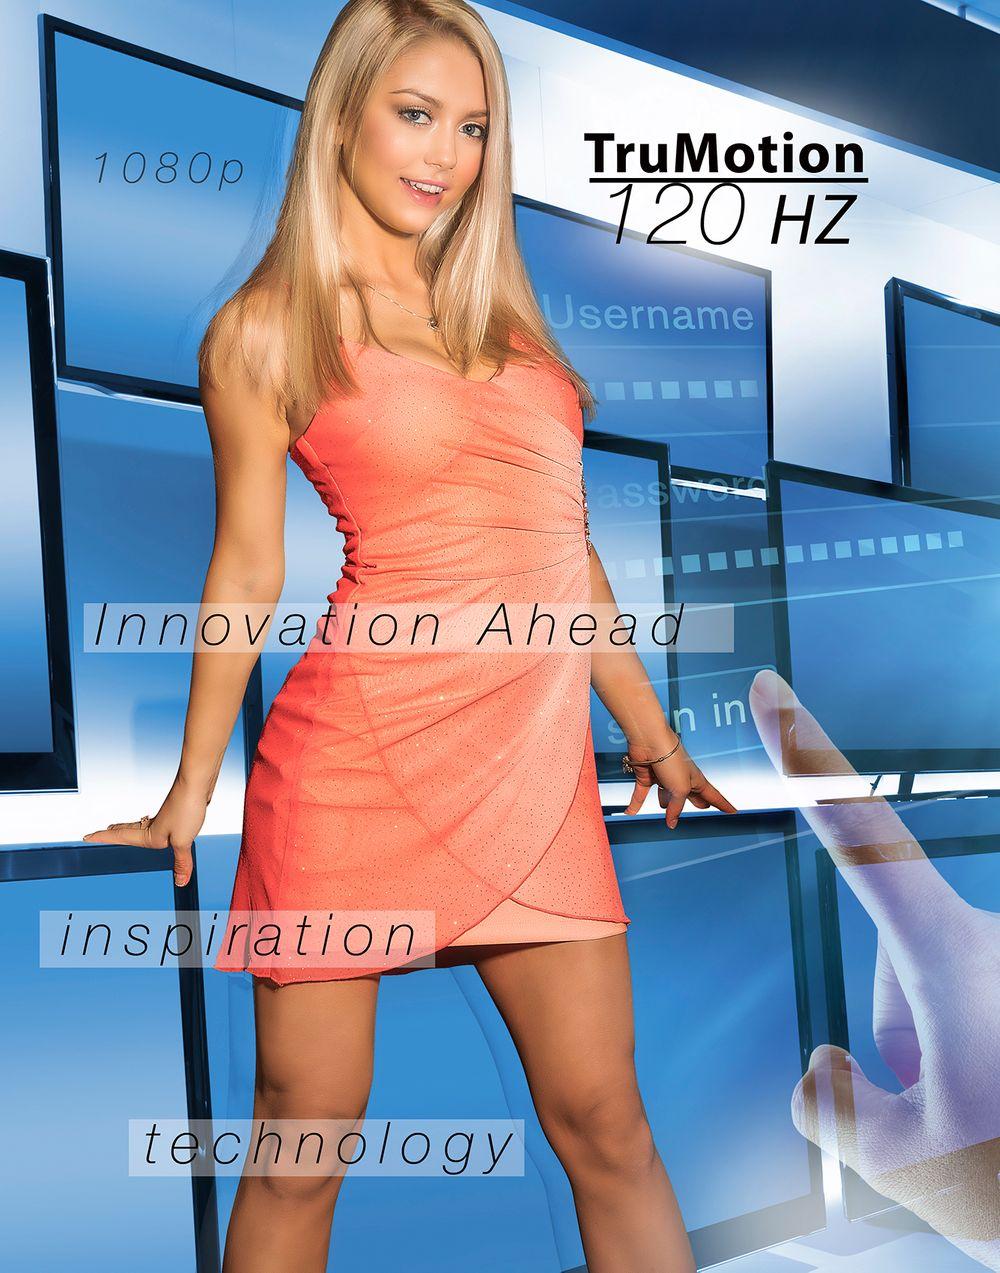 tetyana_TV Wall.jpg